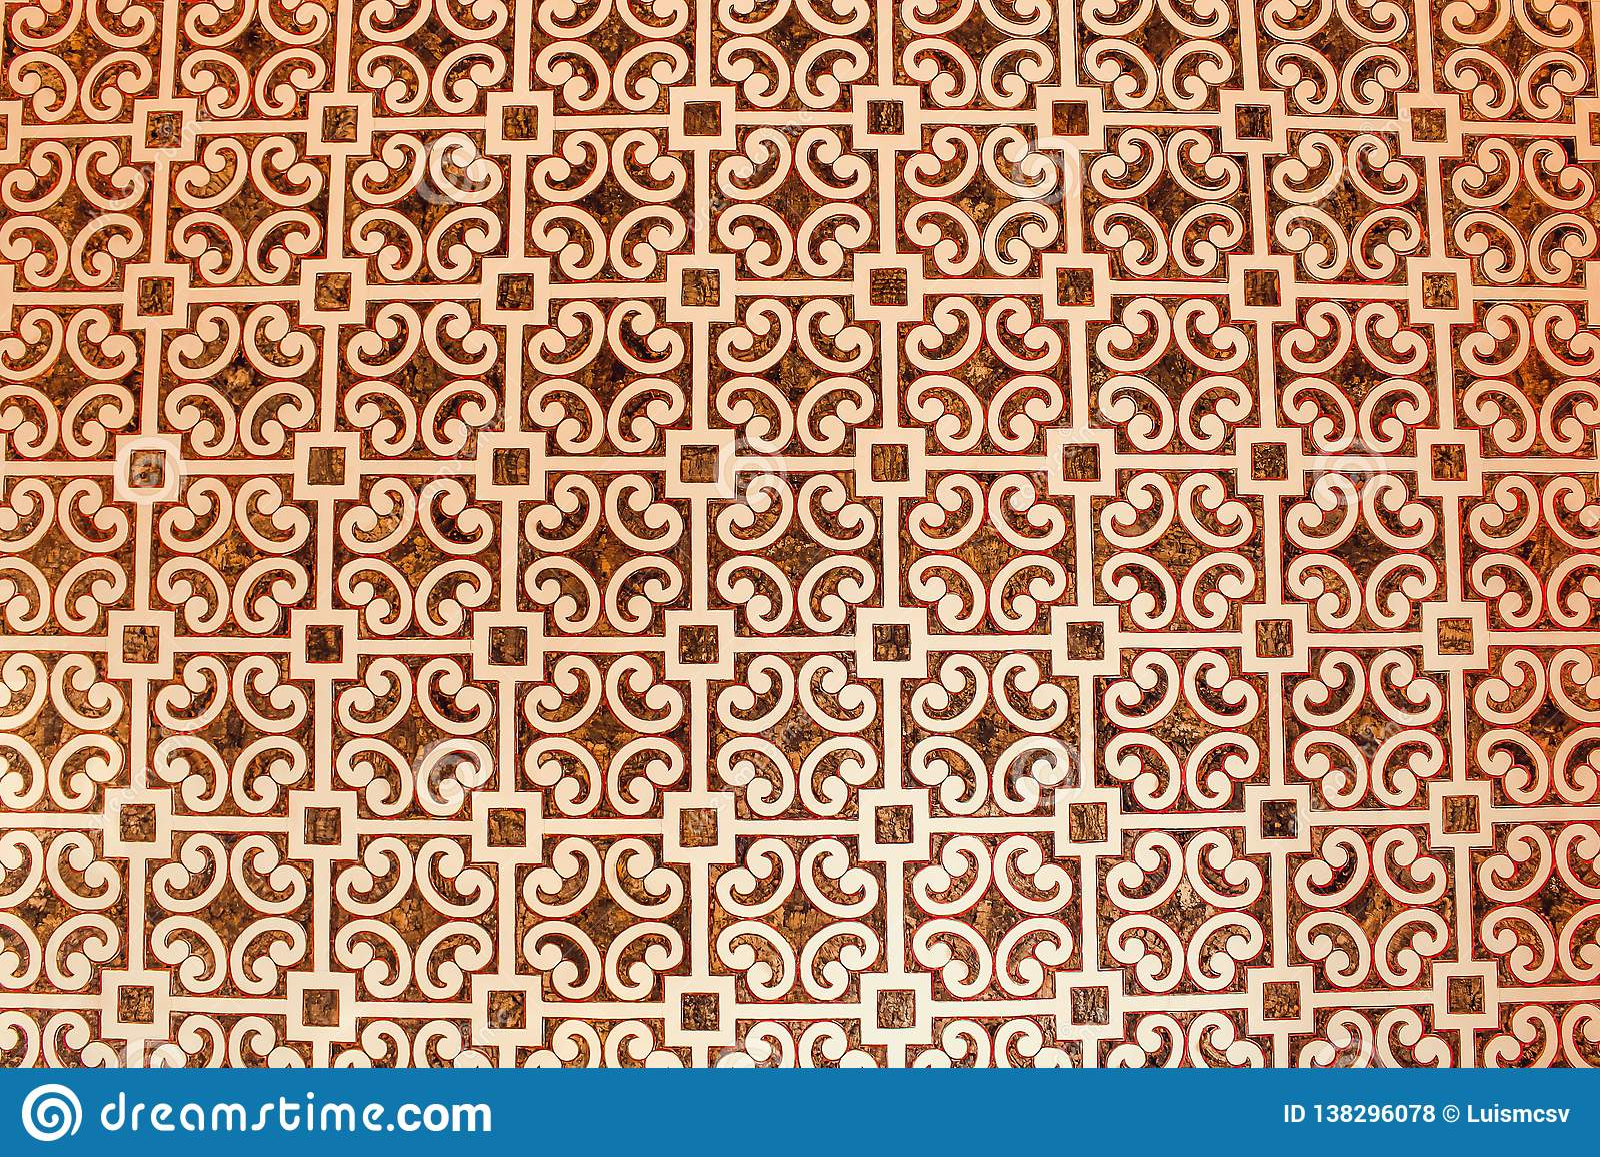 Papel de parede, textura